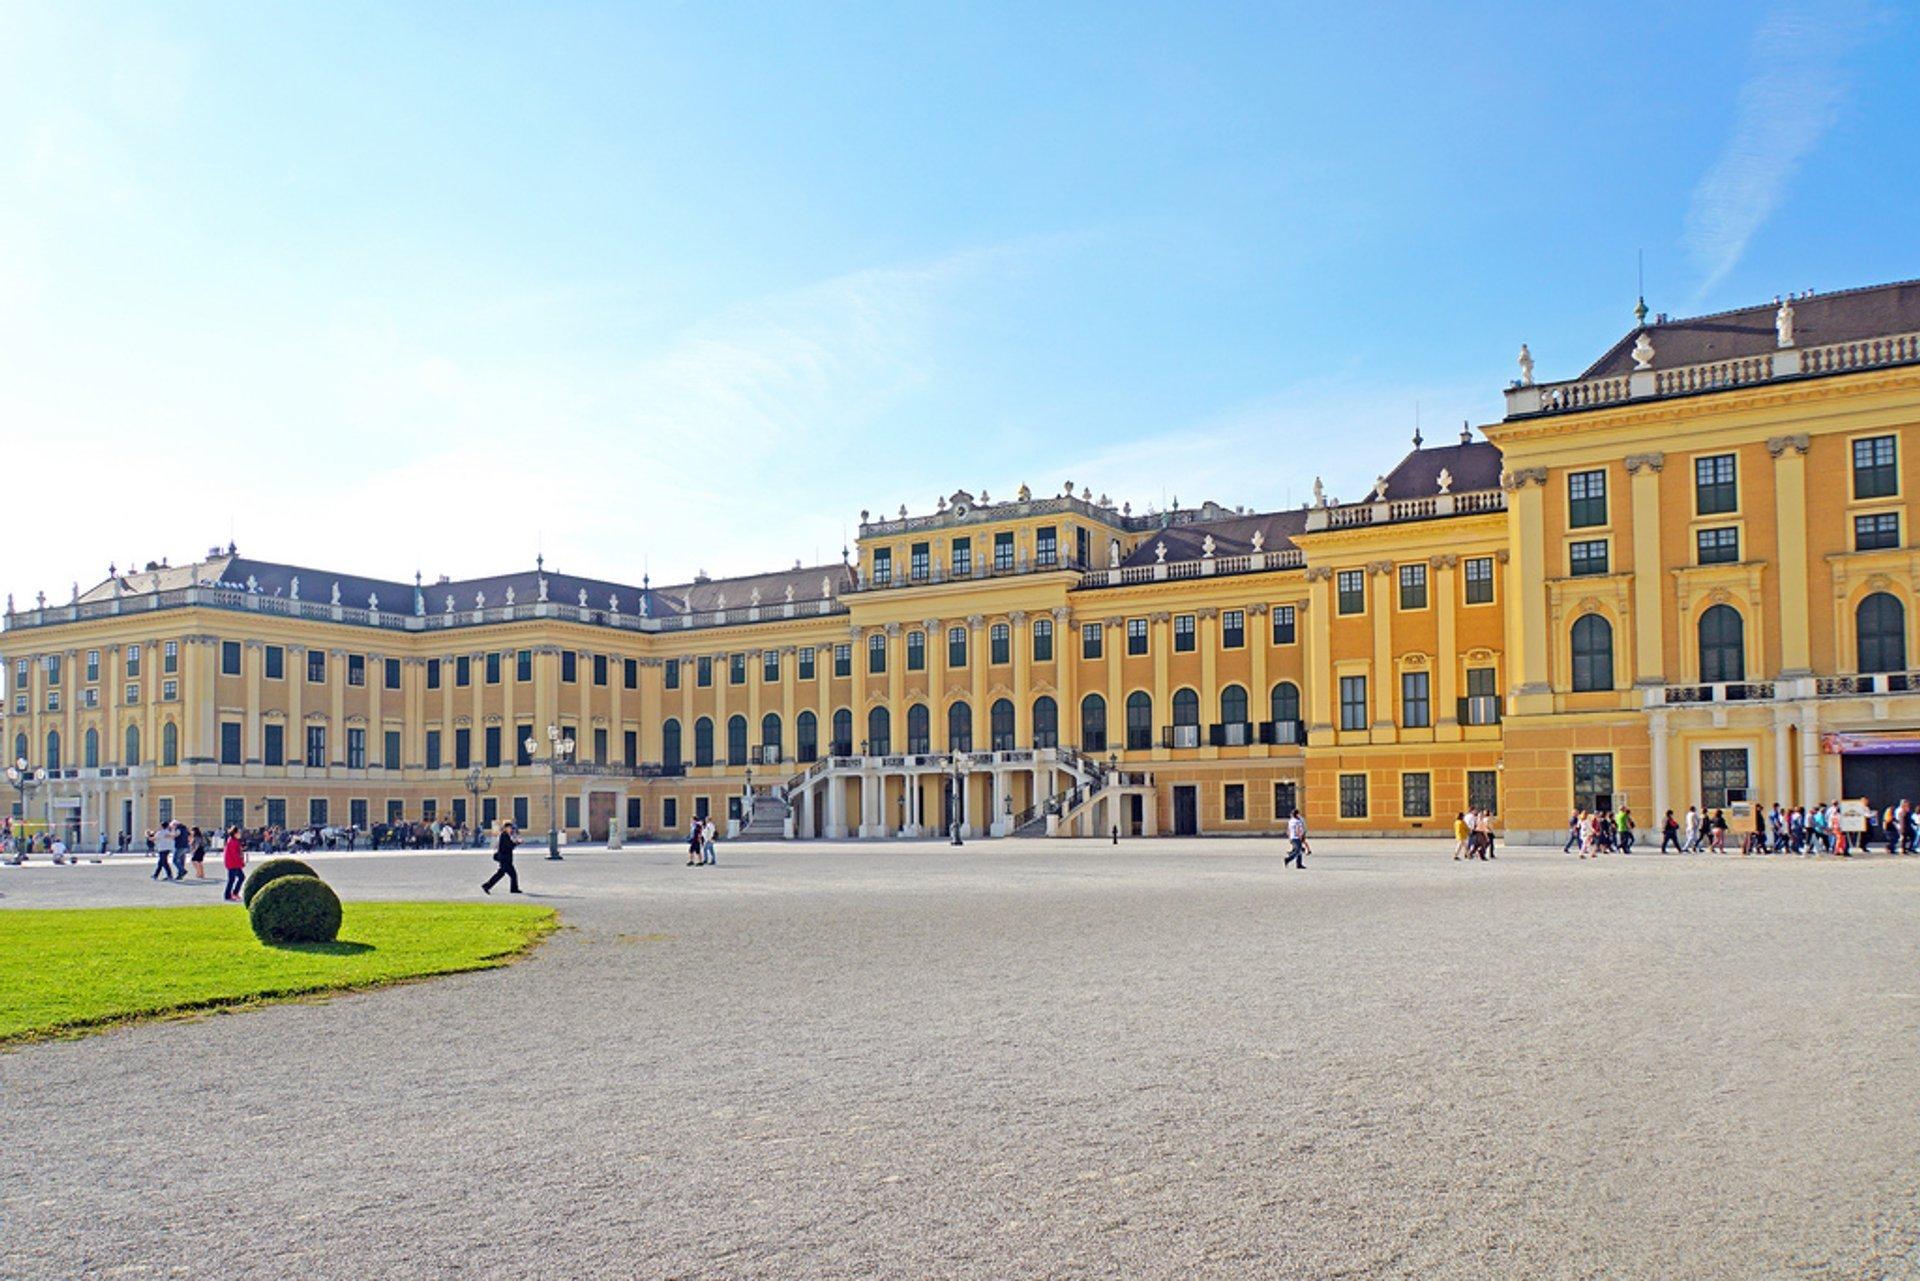 Best time to see Schönbrunn Palace in Vienna 2020